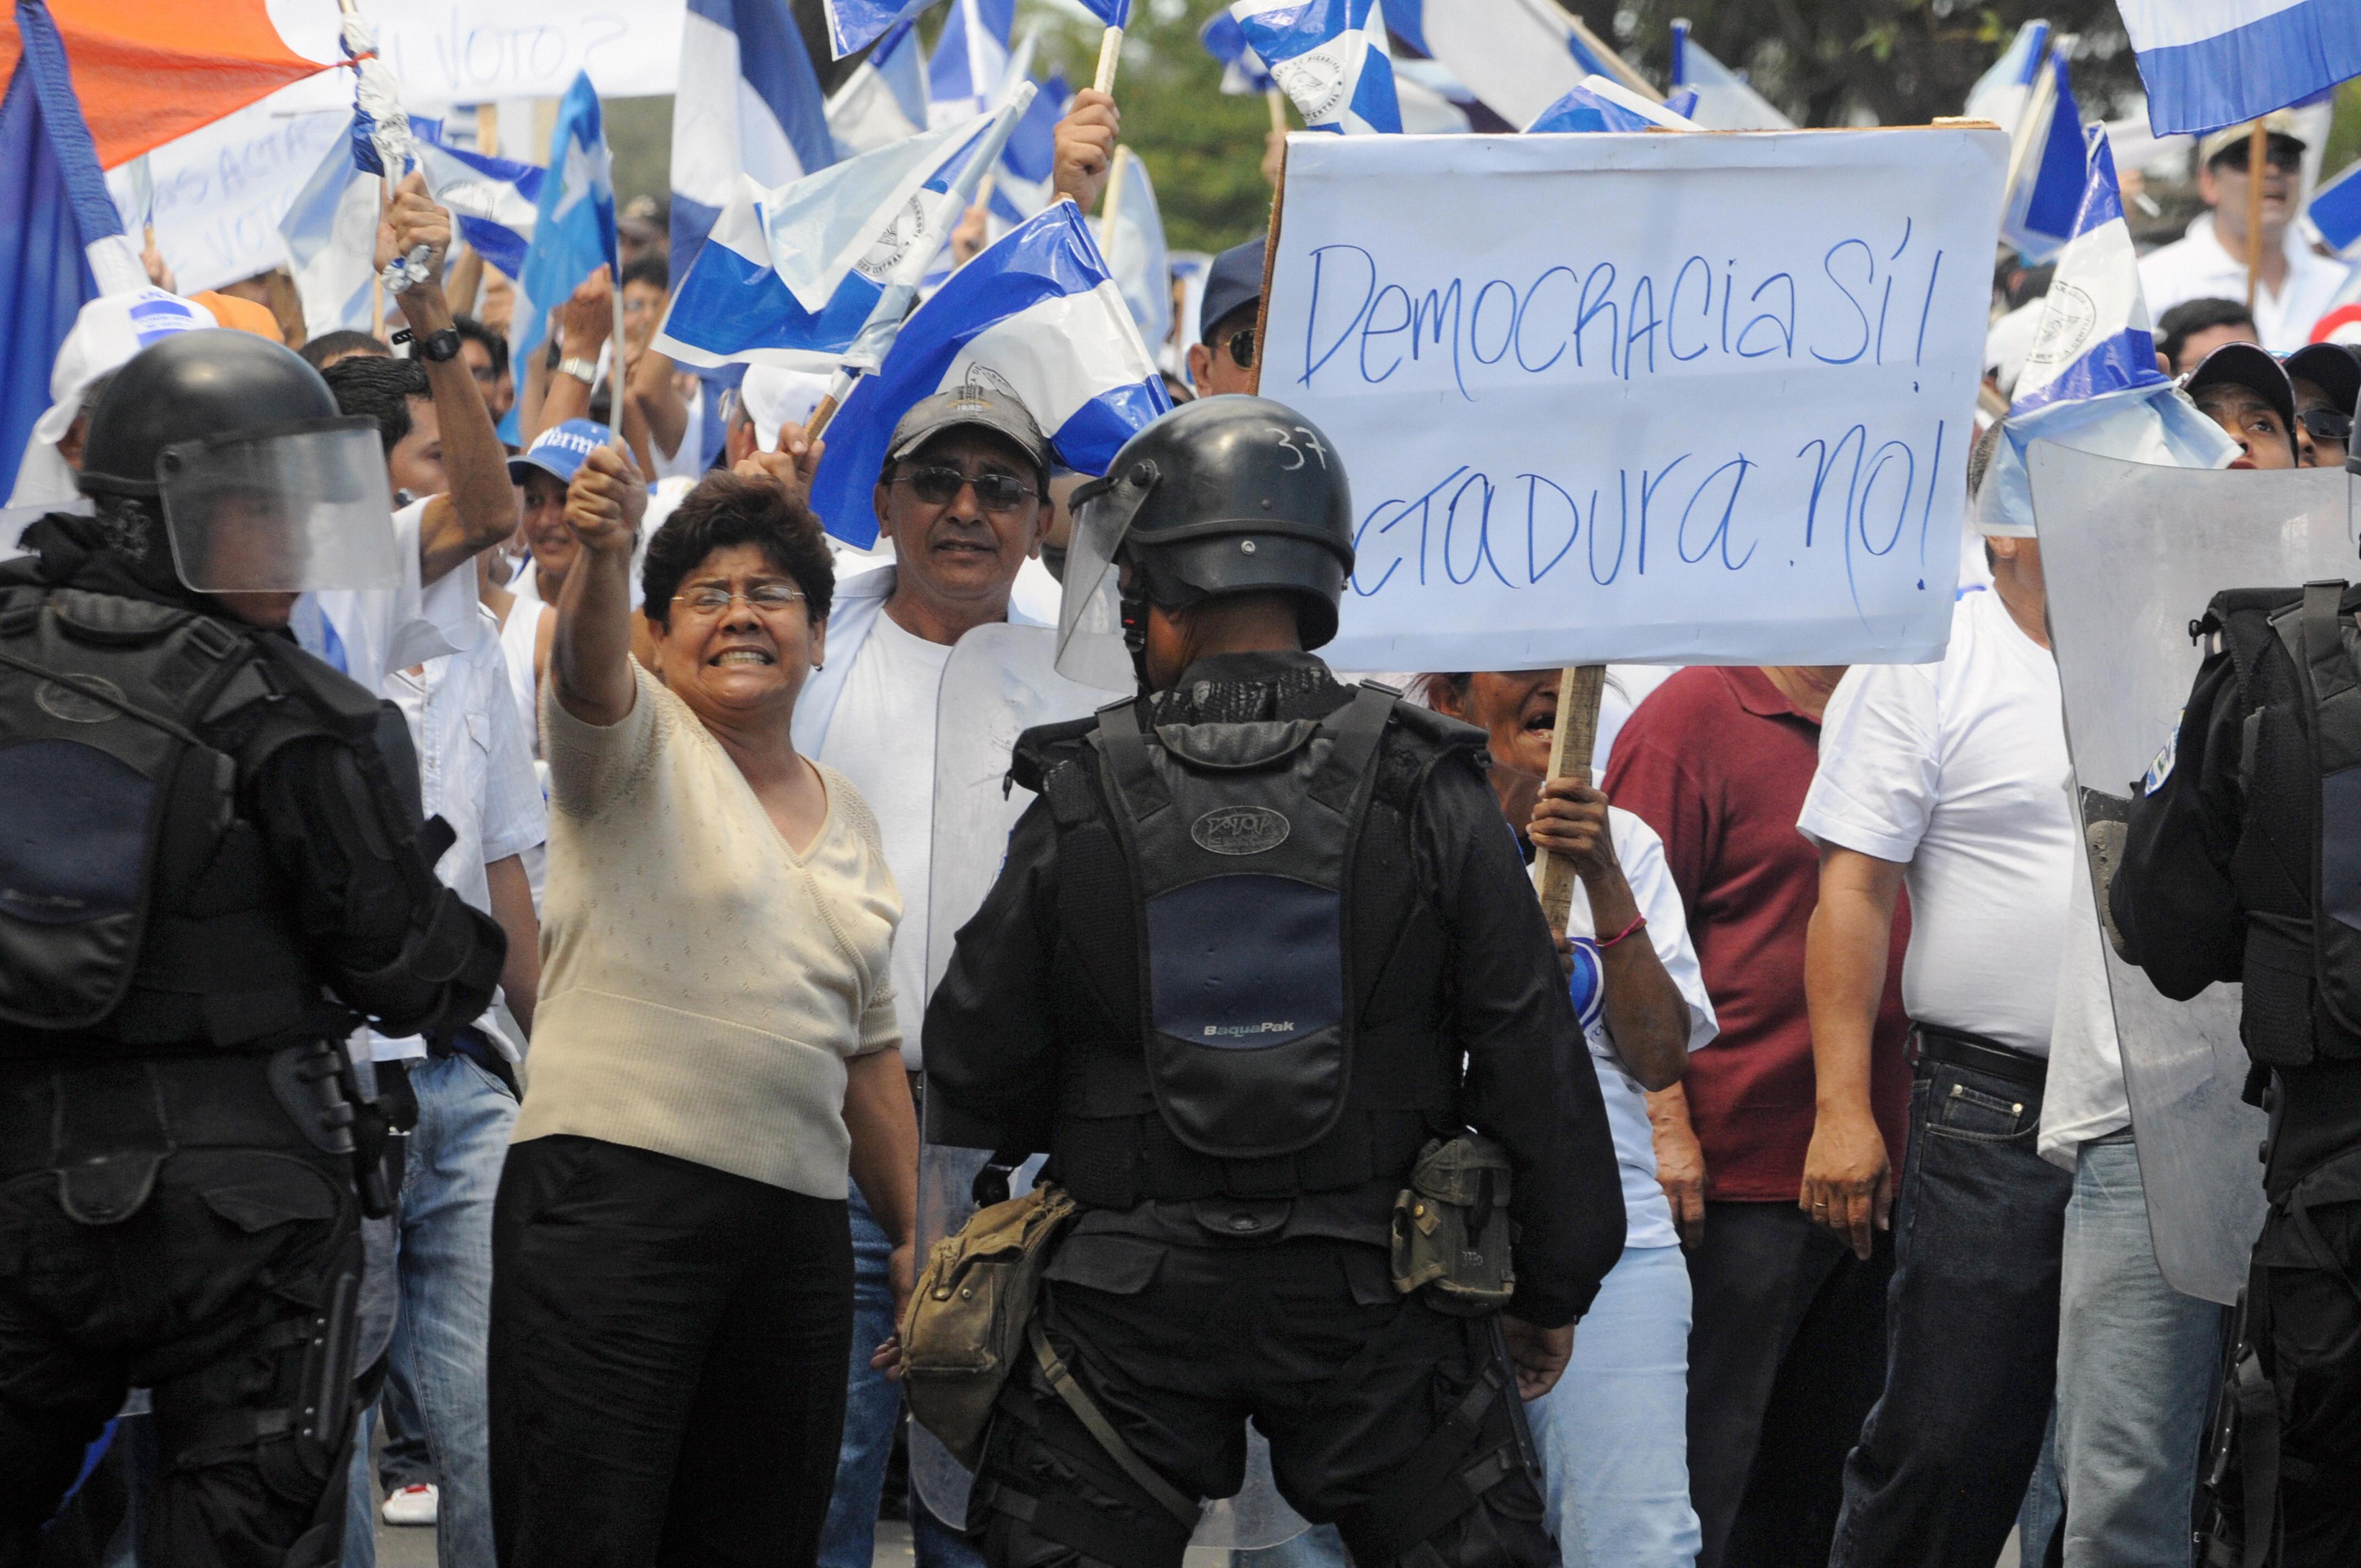 ANÁLISIS | Los factores que debilitan la democracia en varios países de Latinoamérica